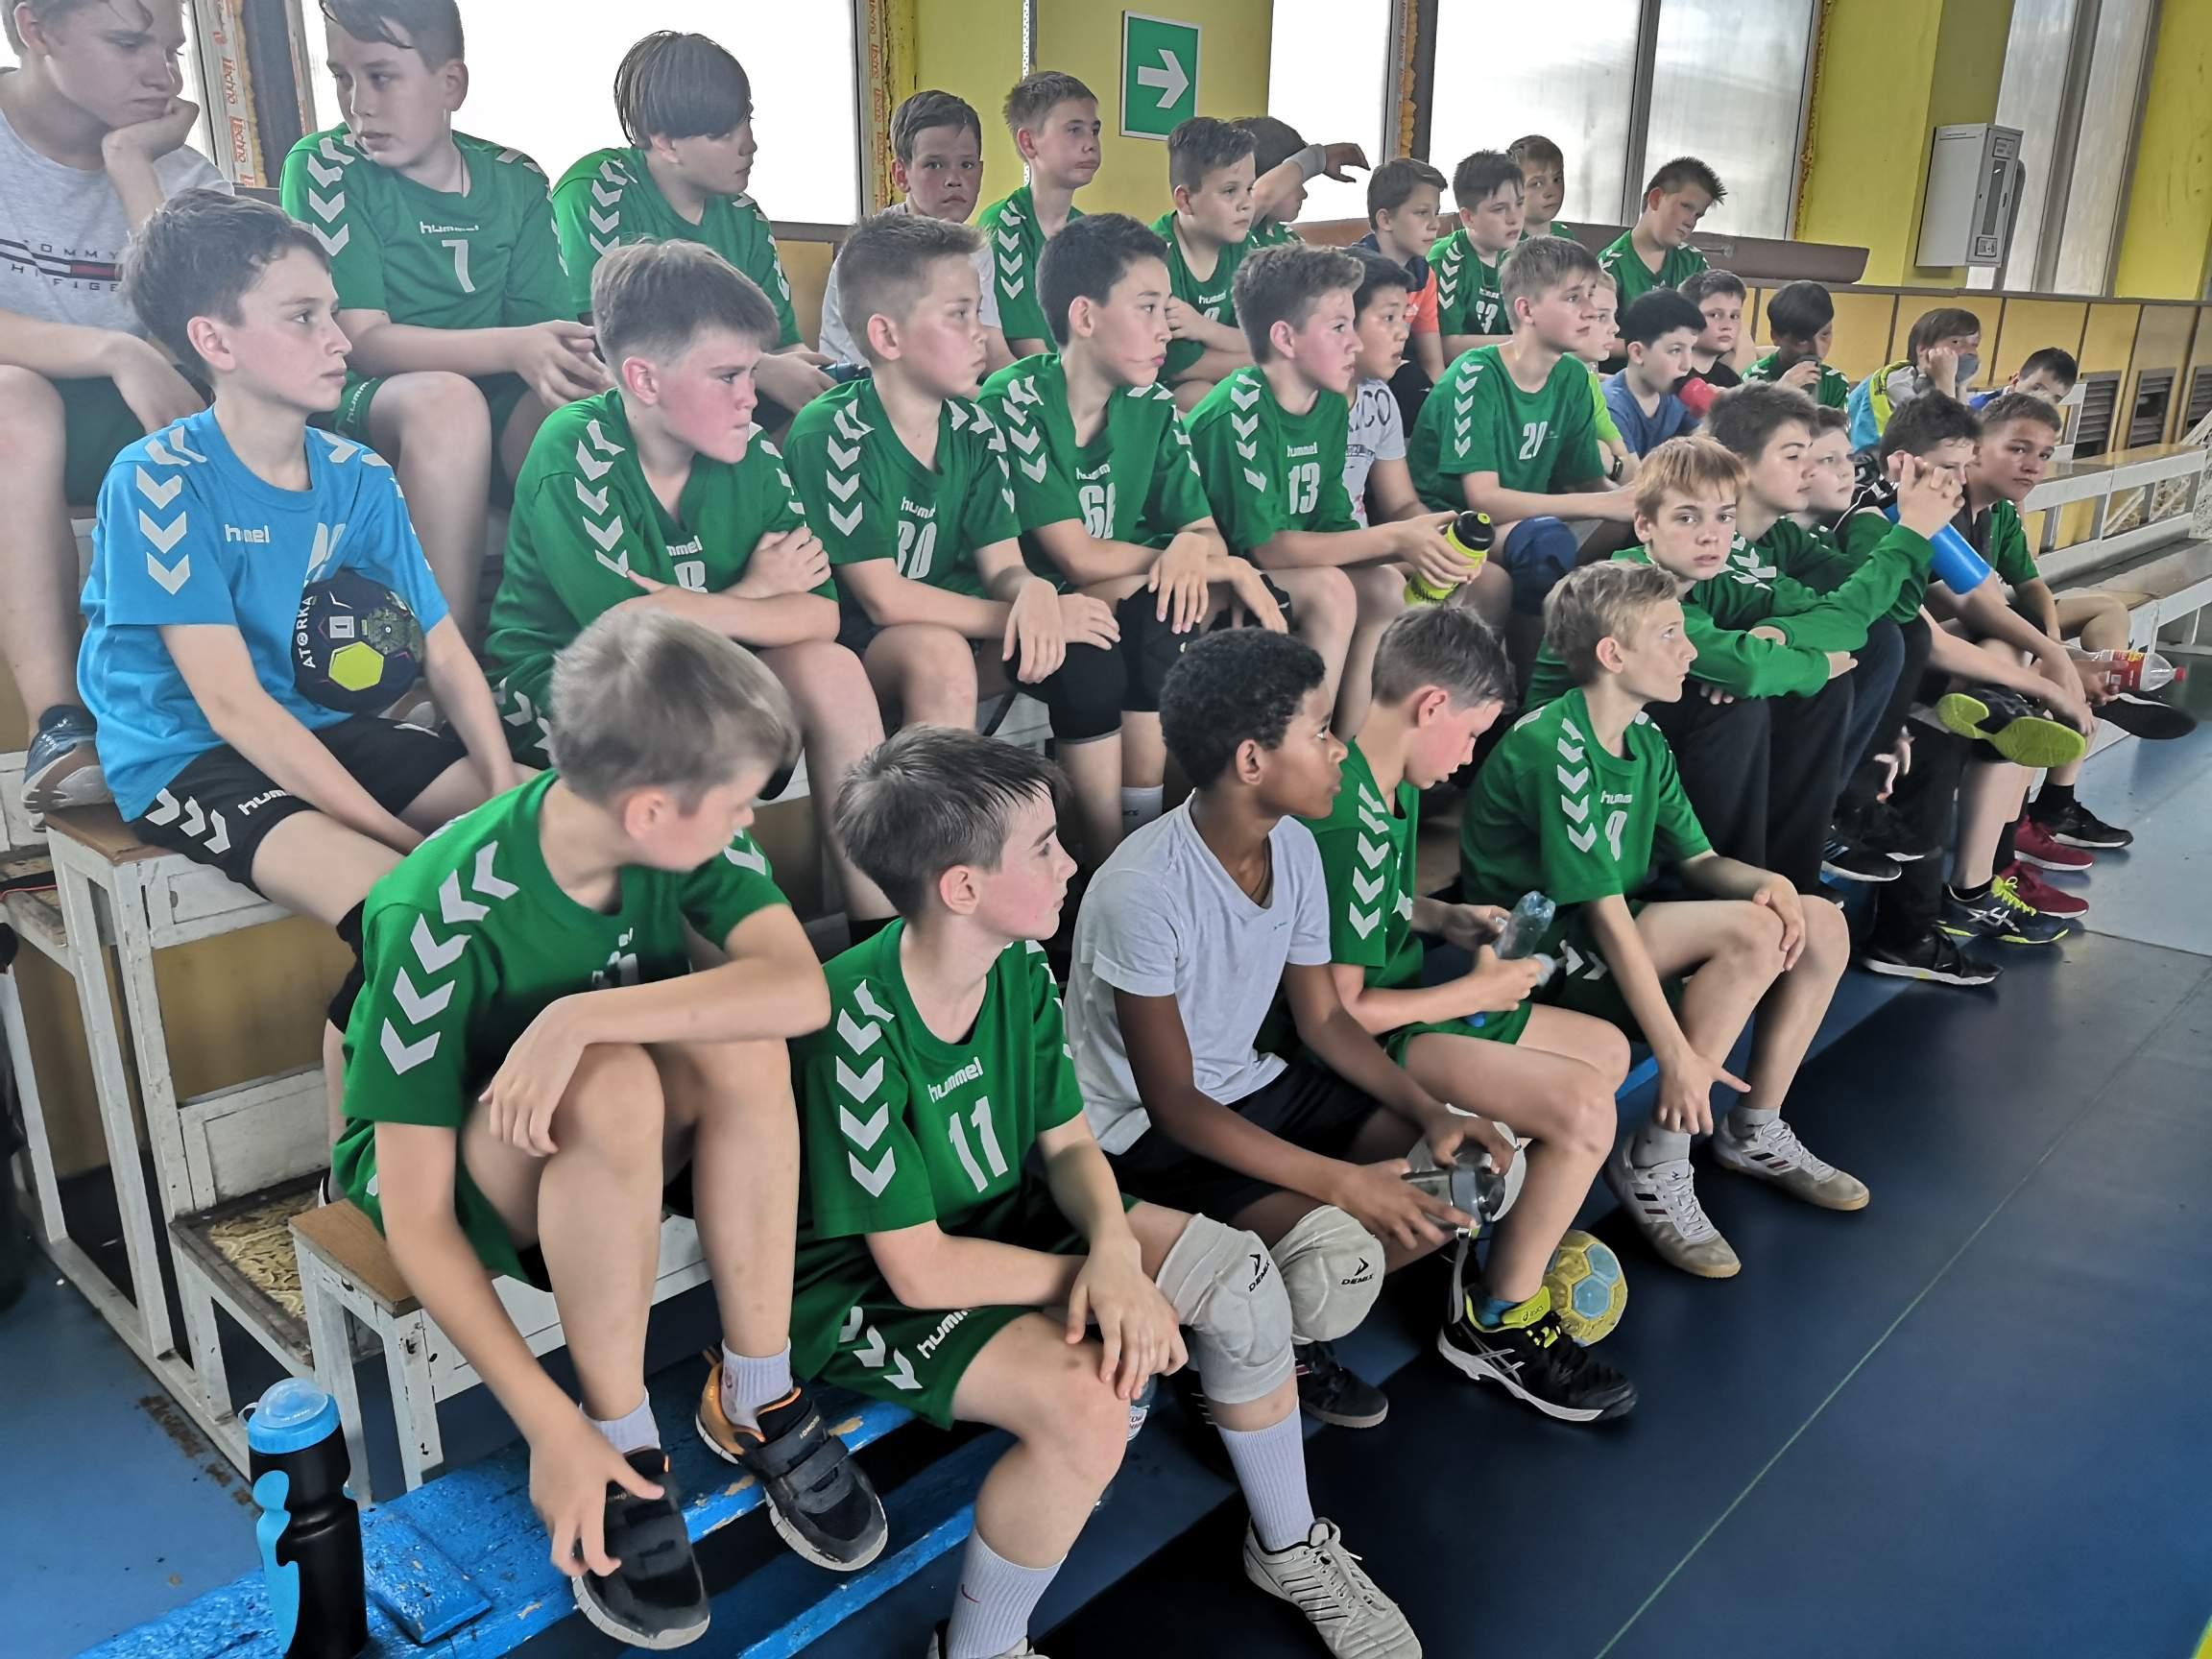 Спортсмены гандбольной школы получили порцию полезной информации.